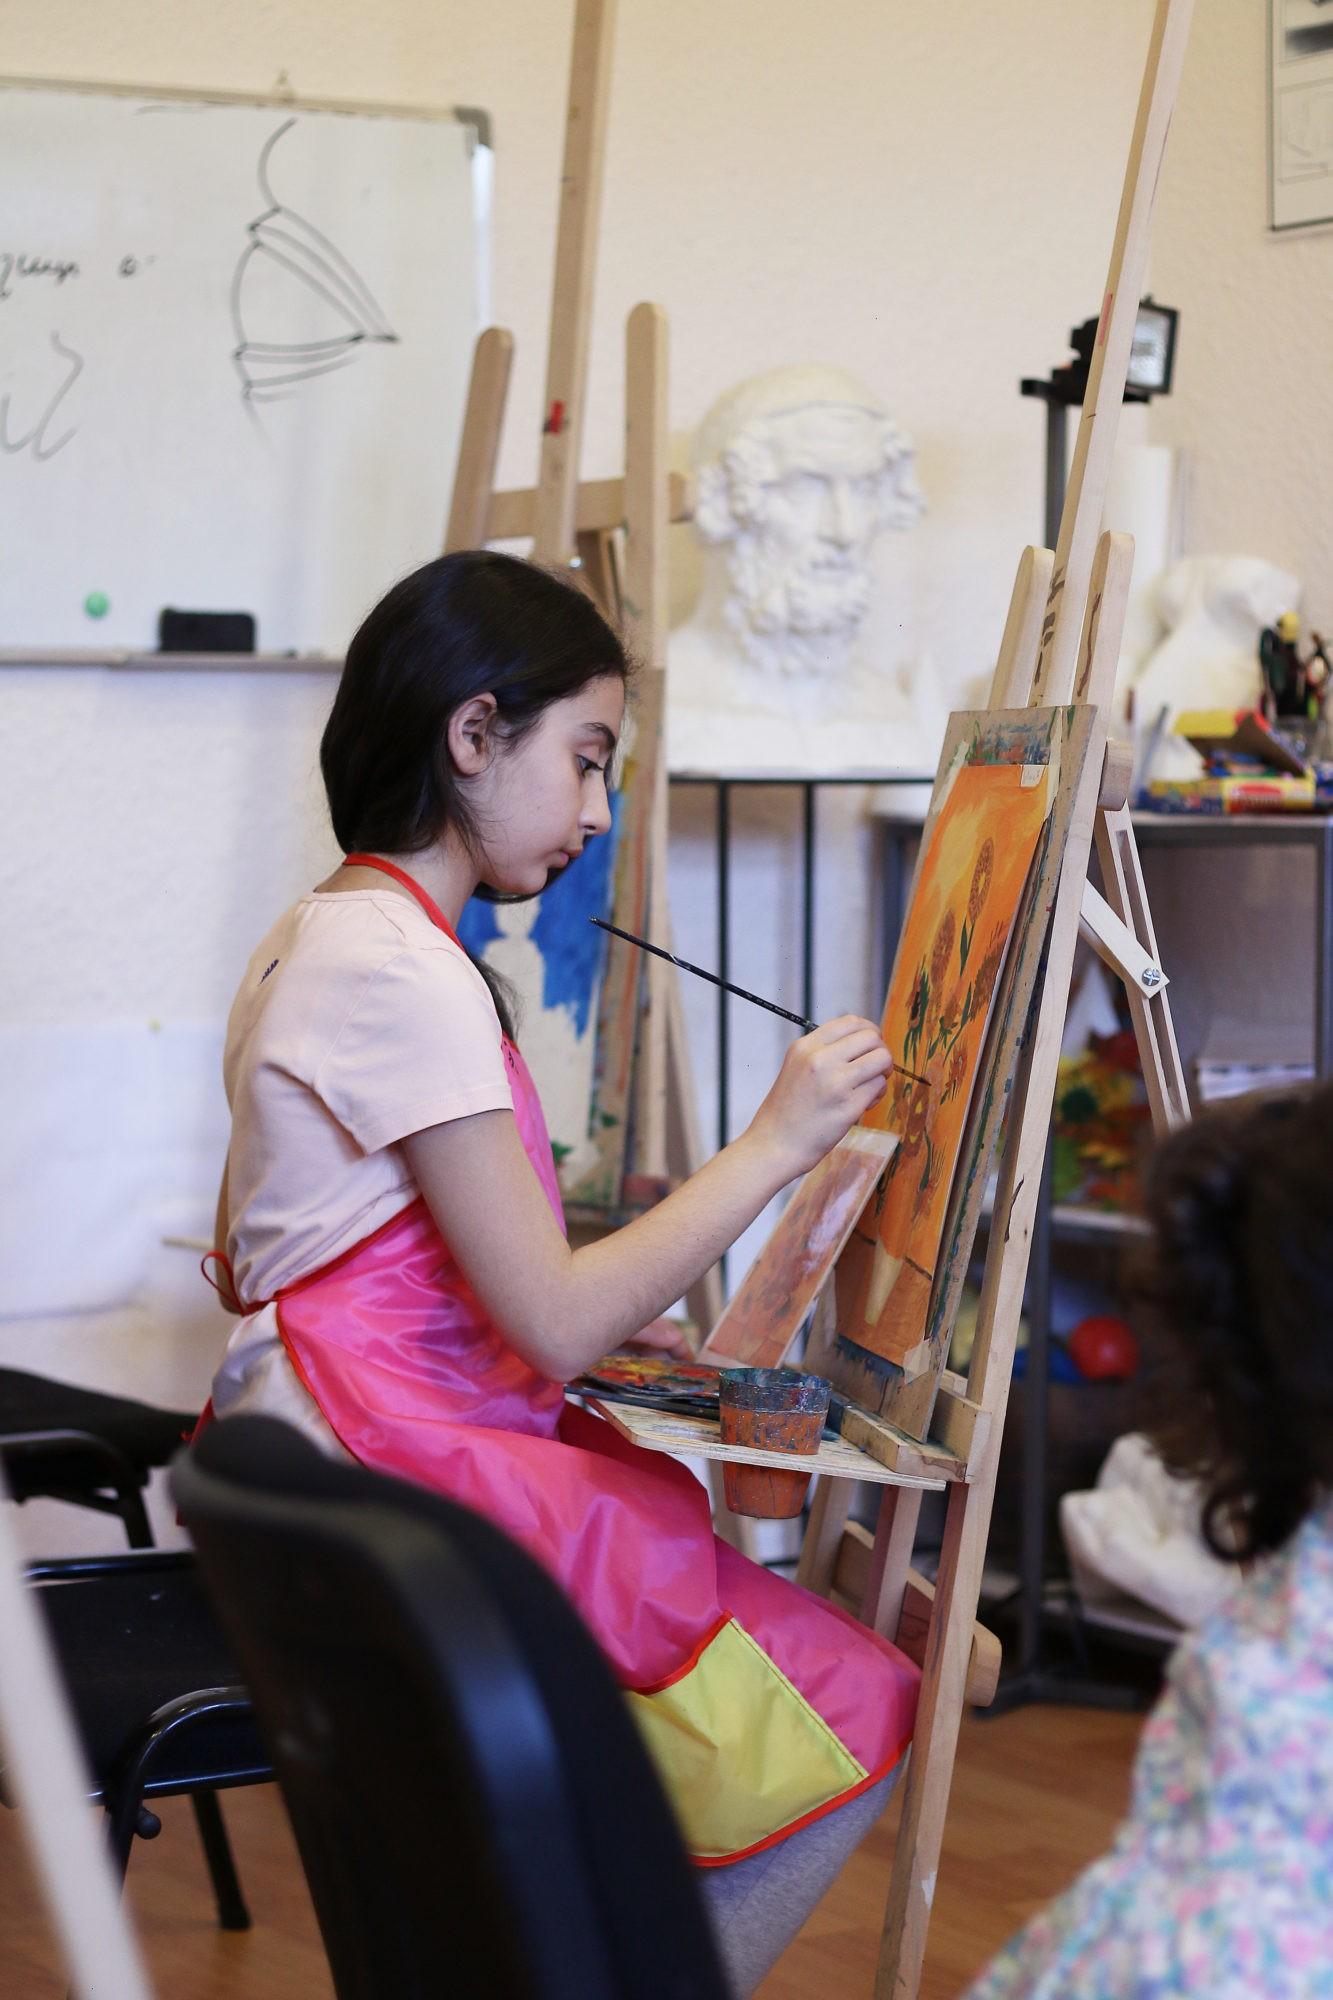 «Դանիելյան» արվեստի կենտրոնի թղթակցի անդրադարձը՝ Էլինարի ստեղծագործական առօրյային